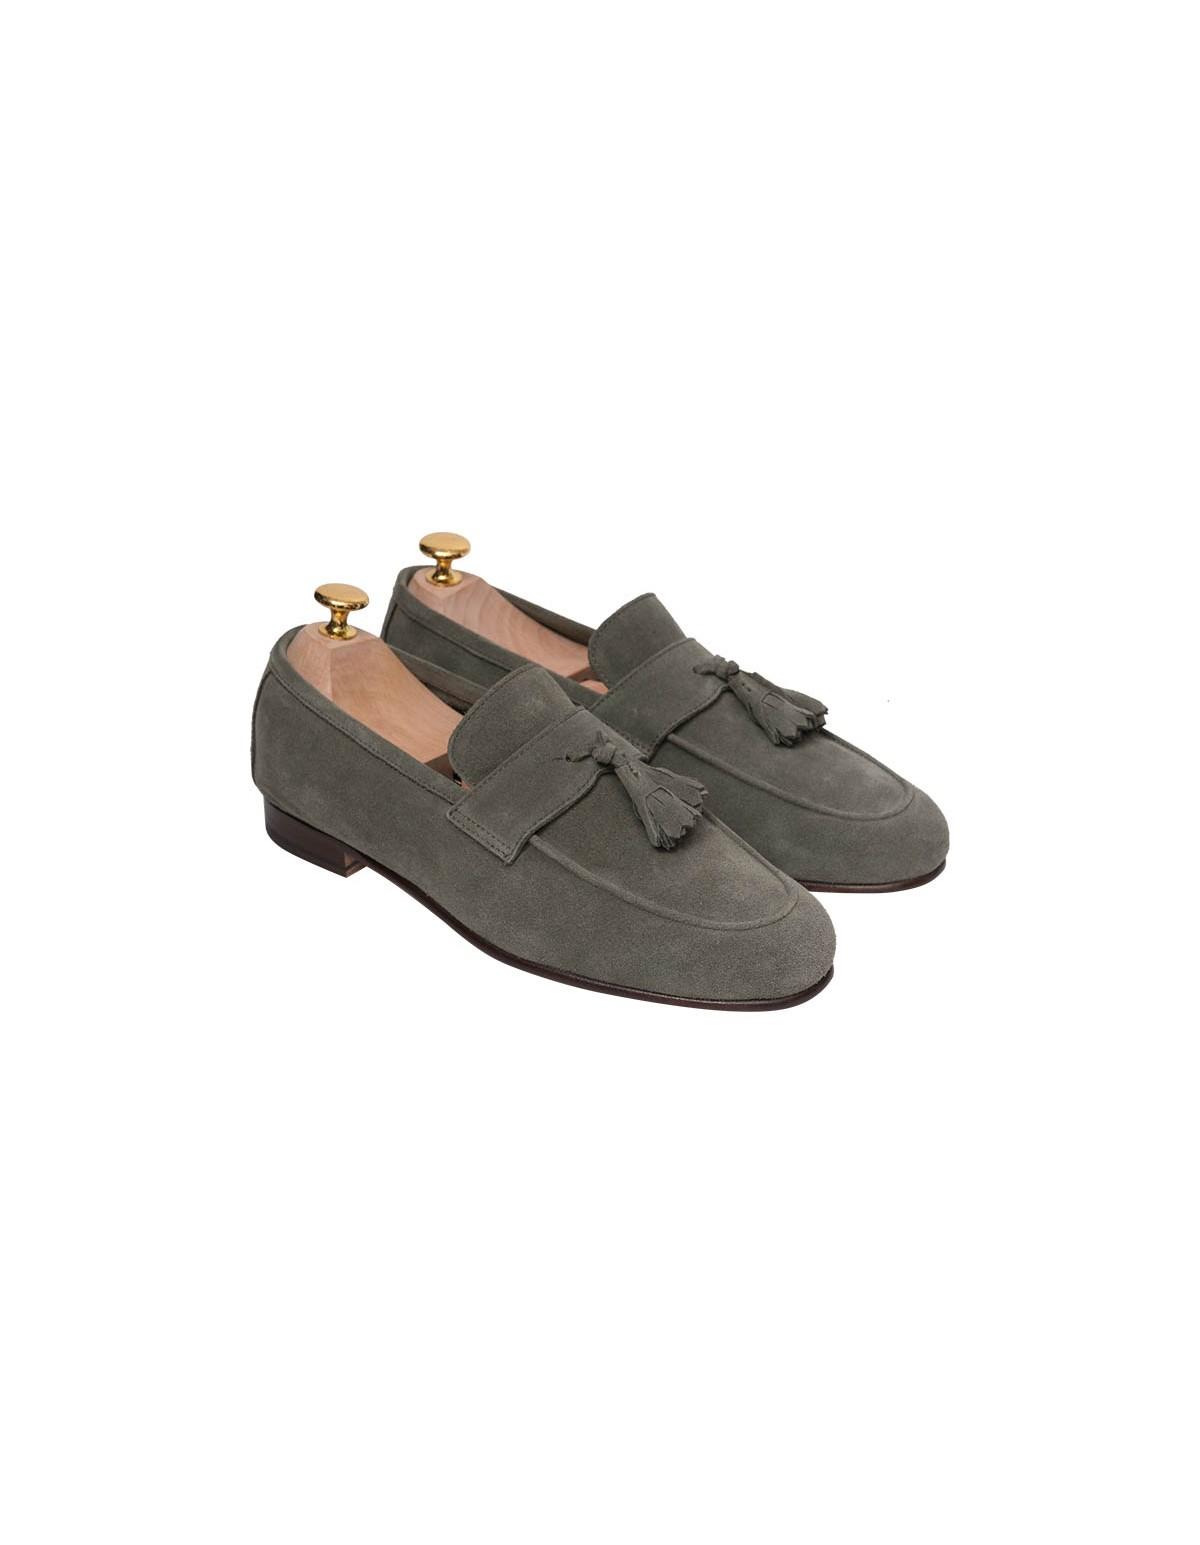 Παπούτσια Tassel Loafers Militare